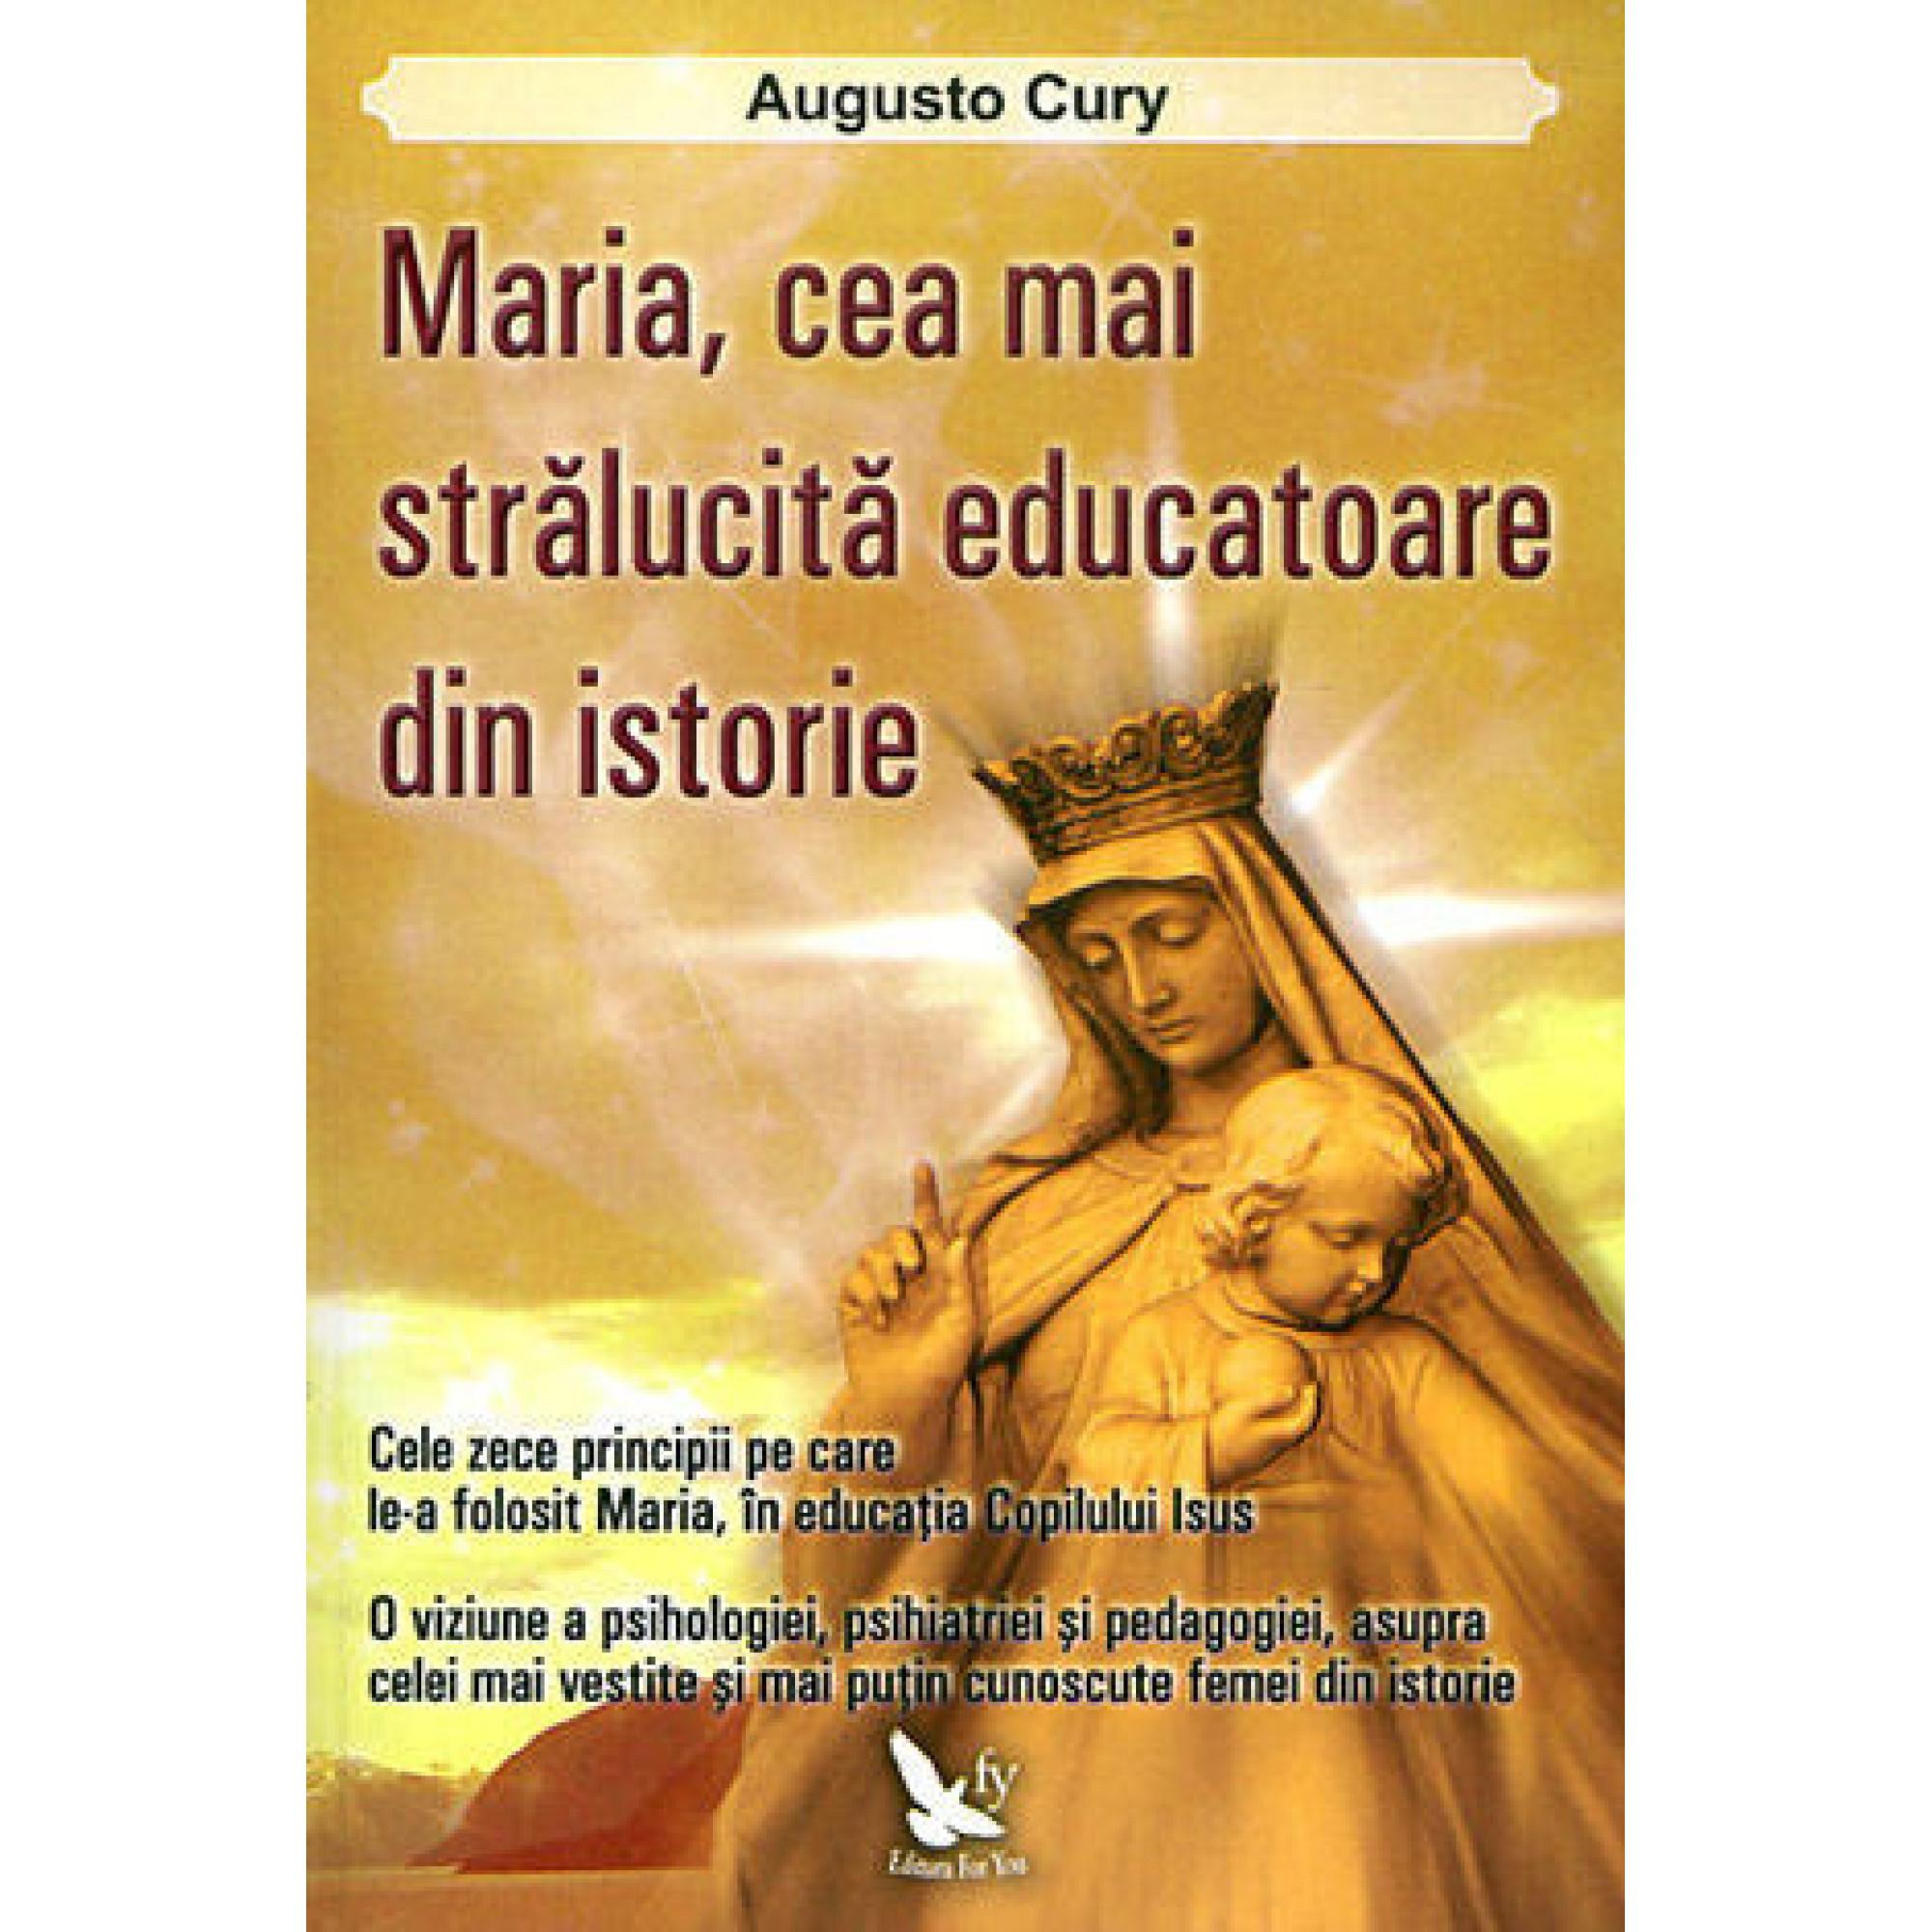 Maria, cea mai stralucită educatoare din istorie; Augusto Cury